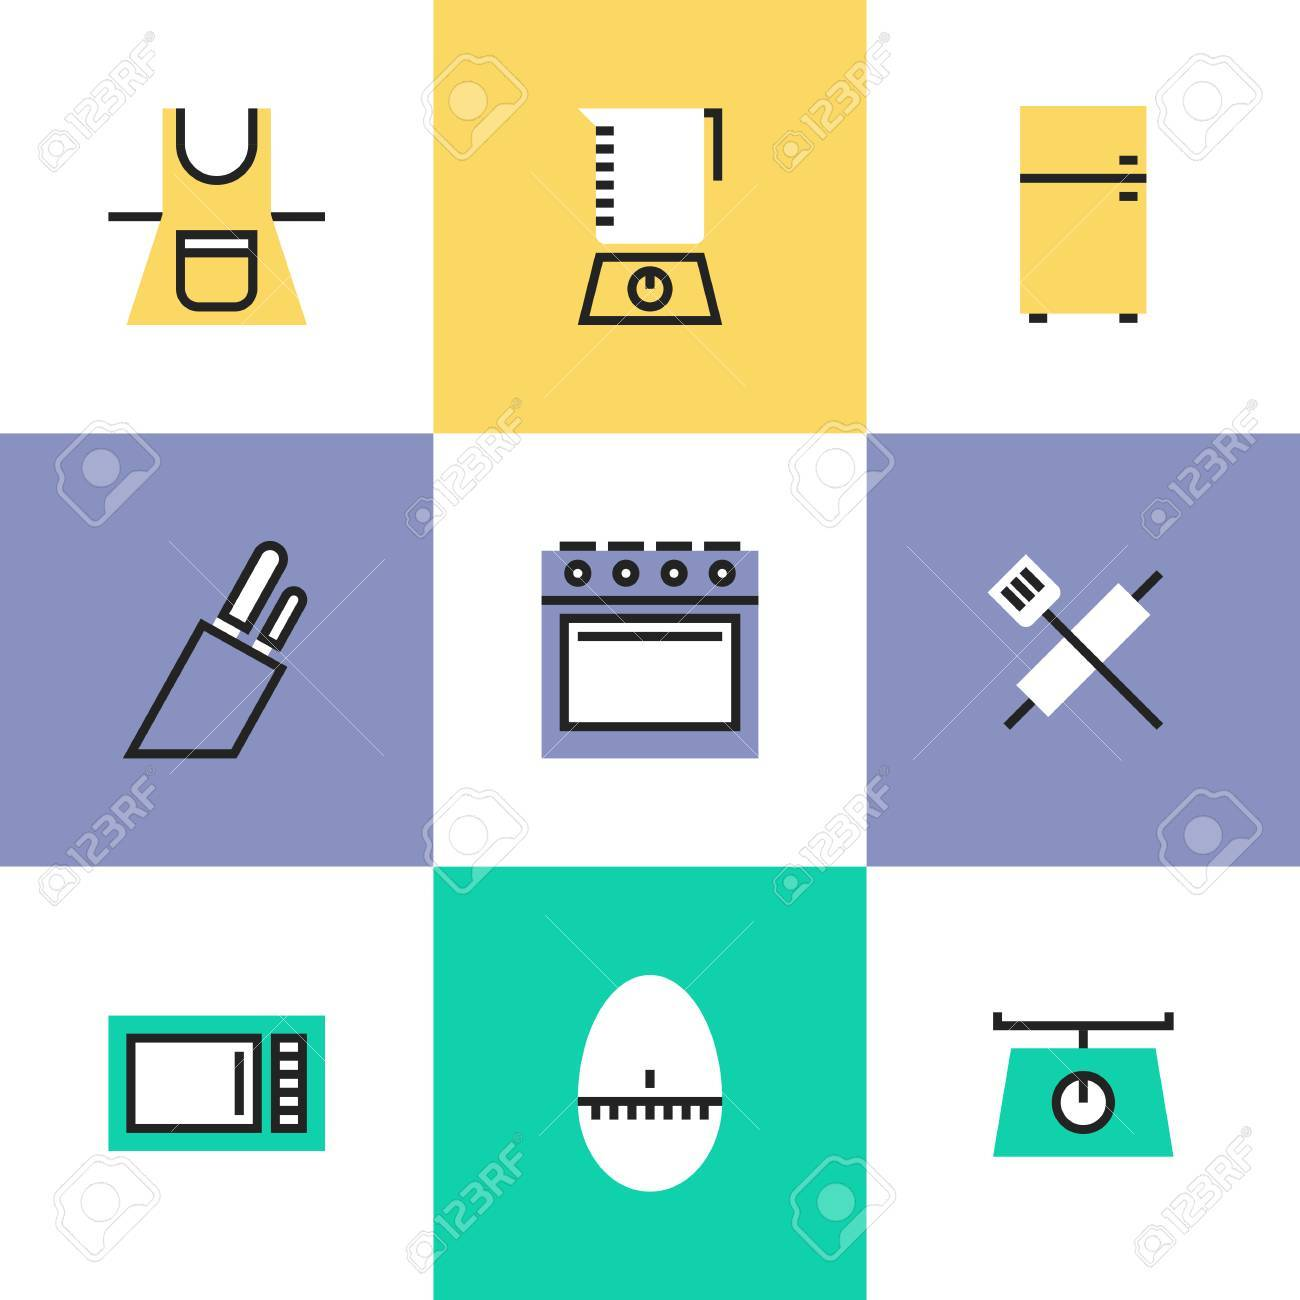 Küchengeräte Und Geschirr Elektronik Für Jede Küche Oder Zubereitung Von  Speisen Aufgabe. Ungewöhnliche Linie Symbole